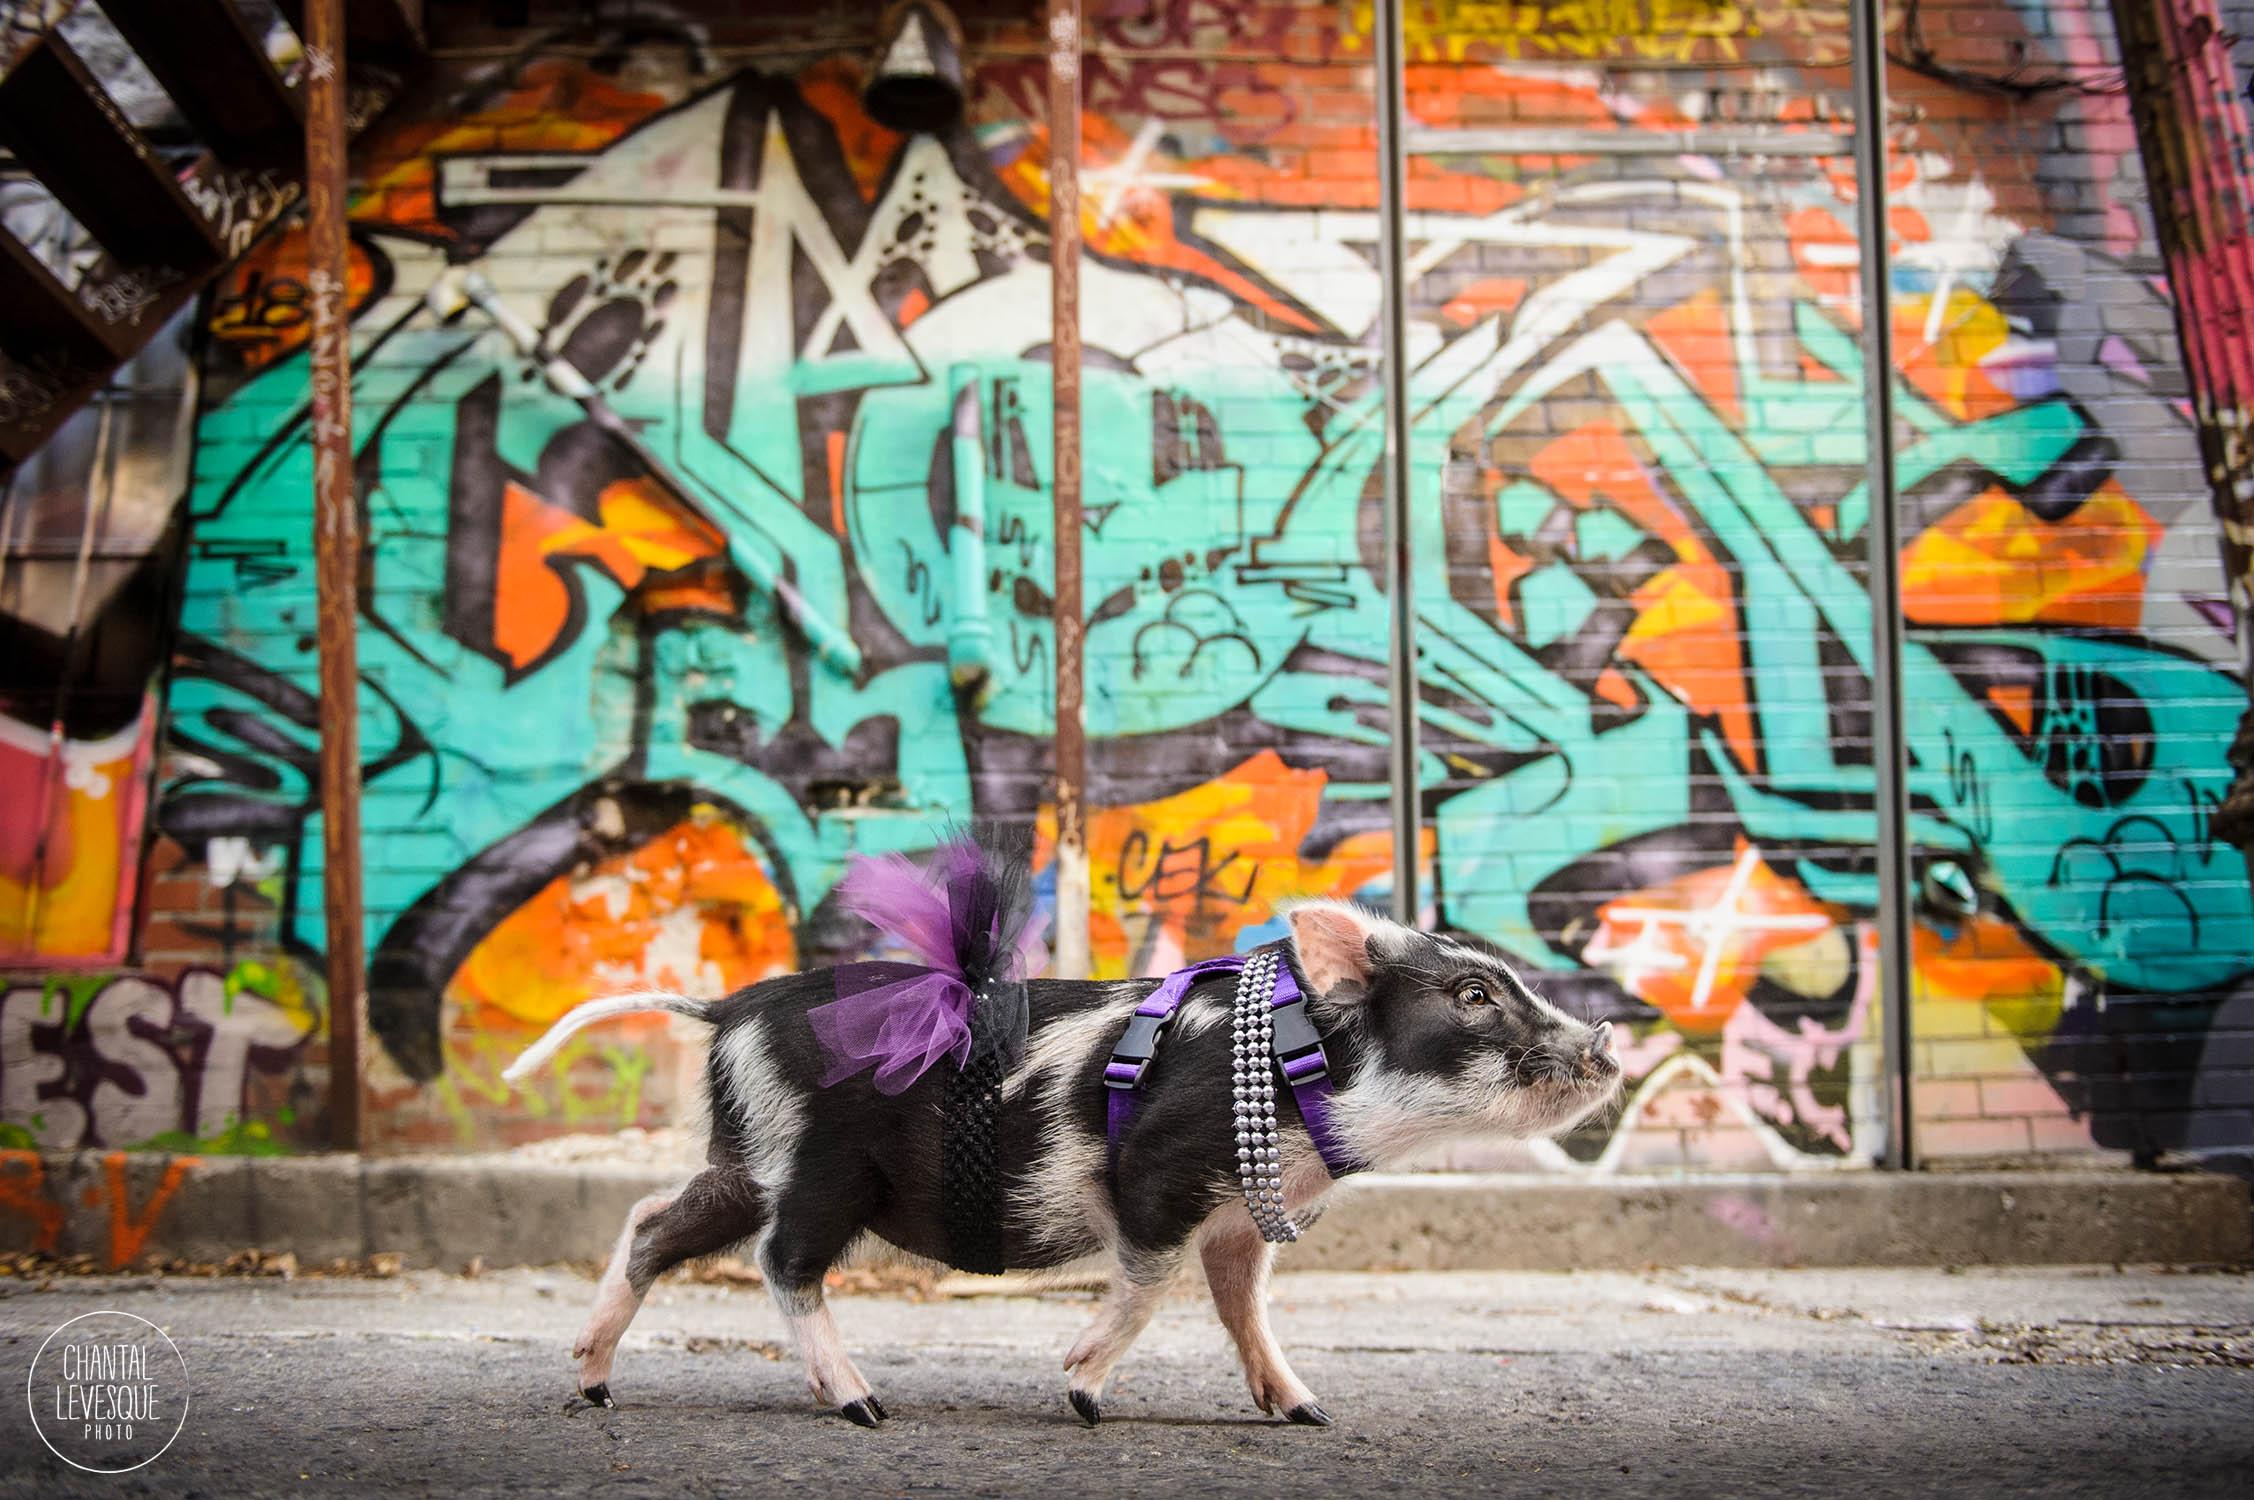 Fluffy-grafitti-5986-web.jpg